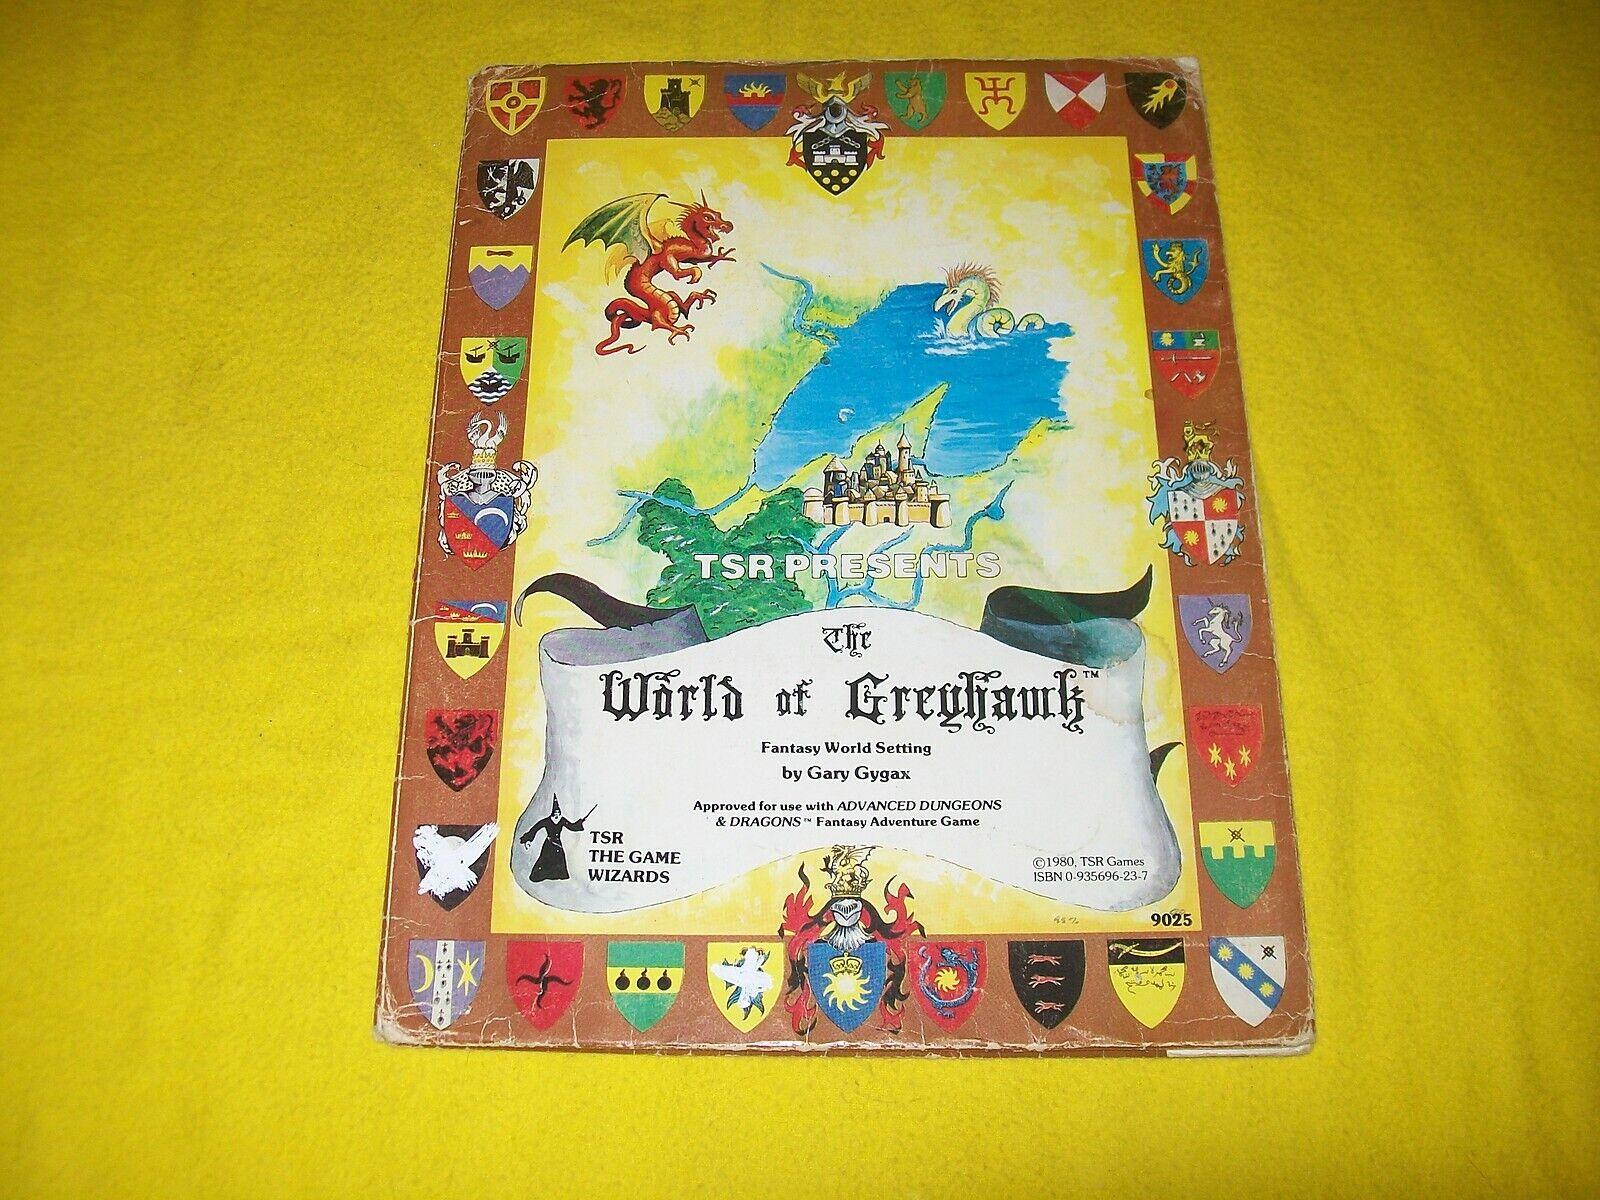 El mundo de grishawk mundo de fantasía ajuste Folio Dungeons & Dragons AD&D 9025 1